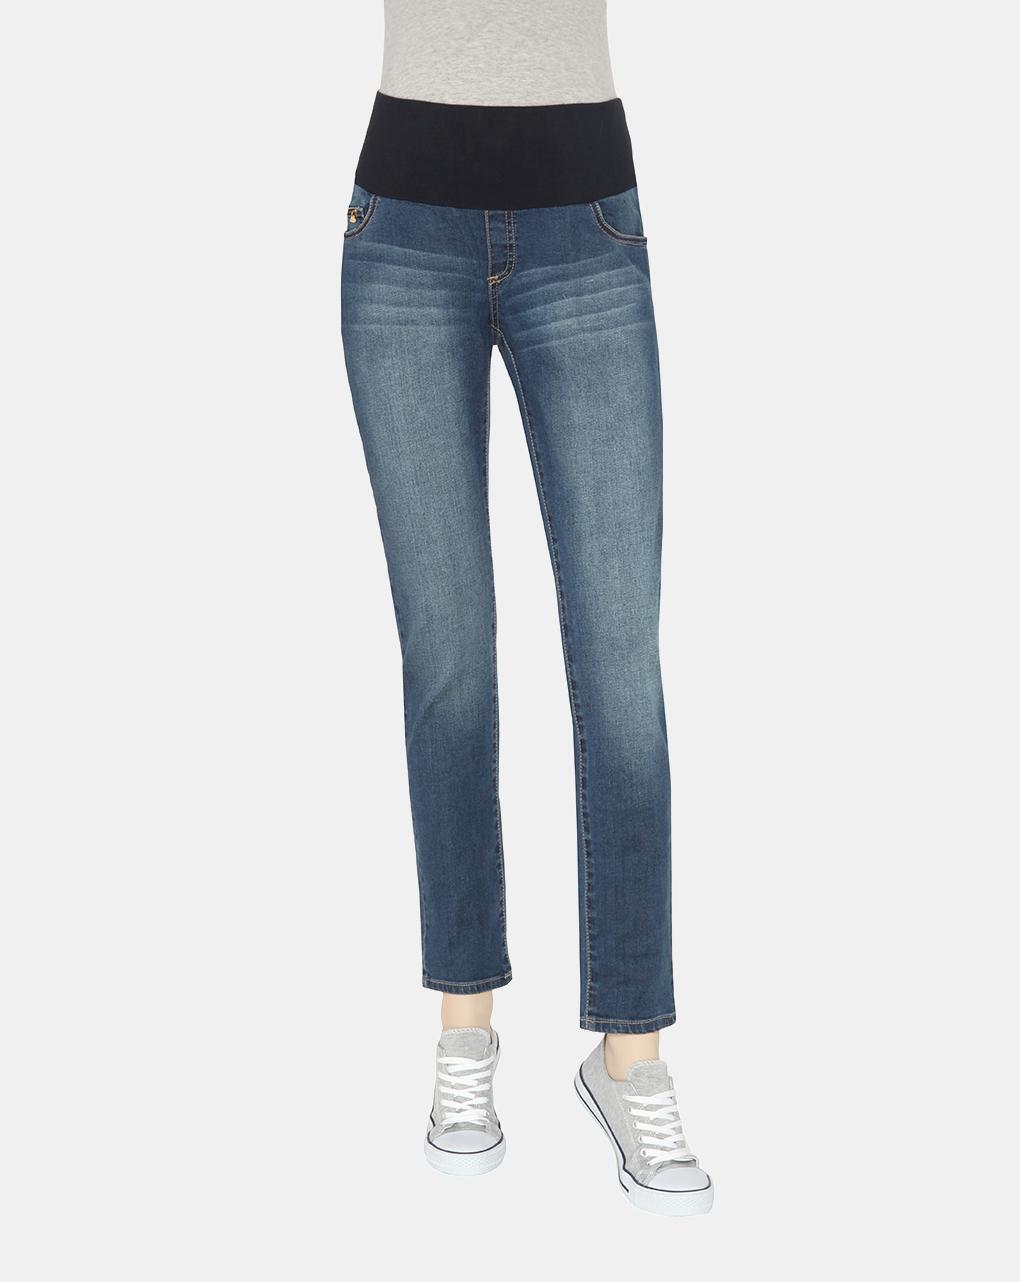 Γυναικείο Denim Παντελόνι Slim Fit Ελαστικό